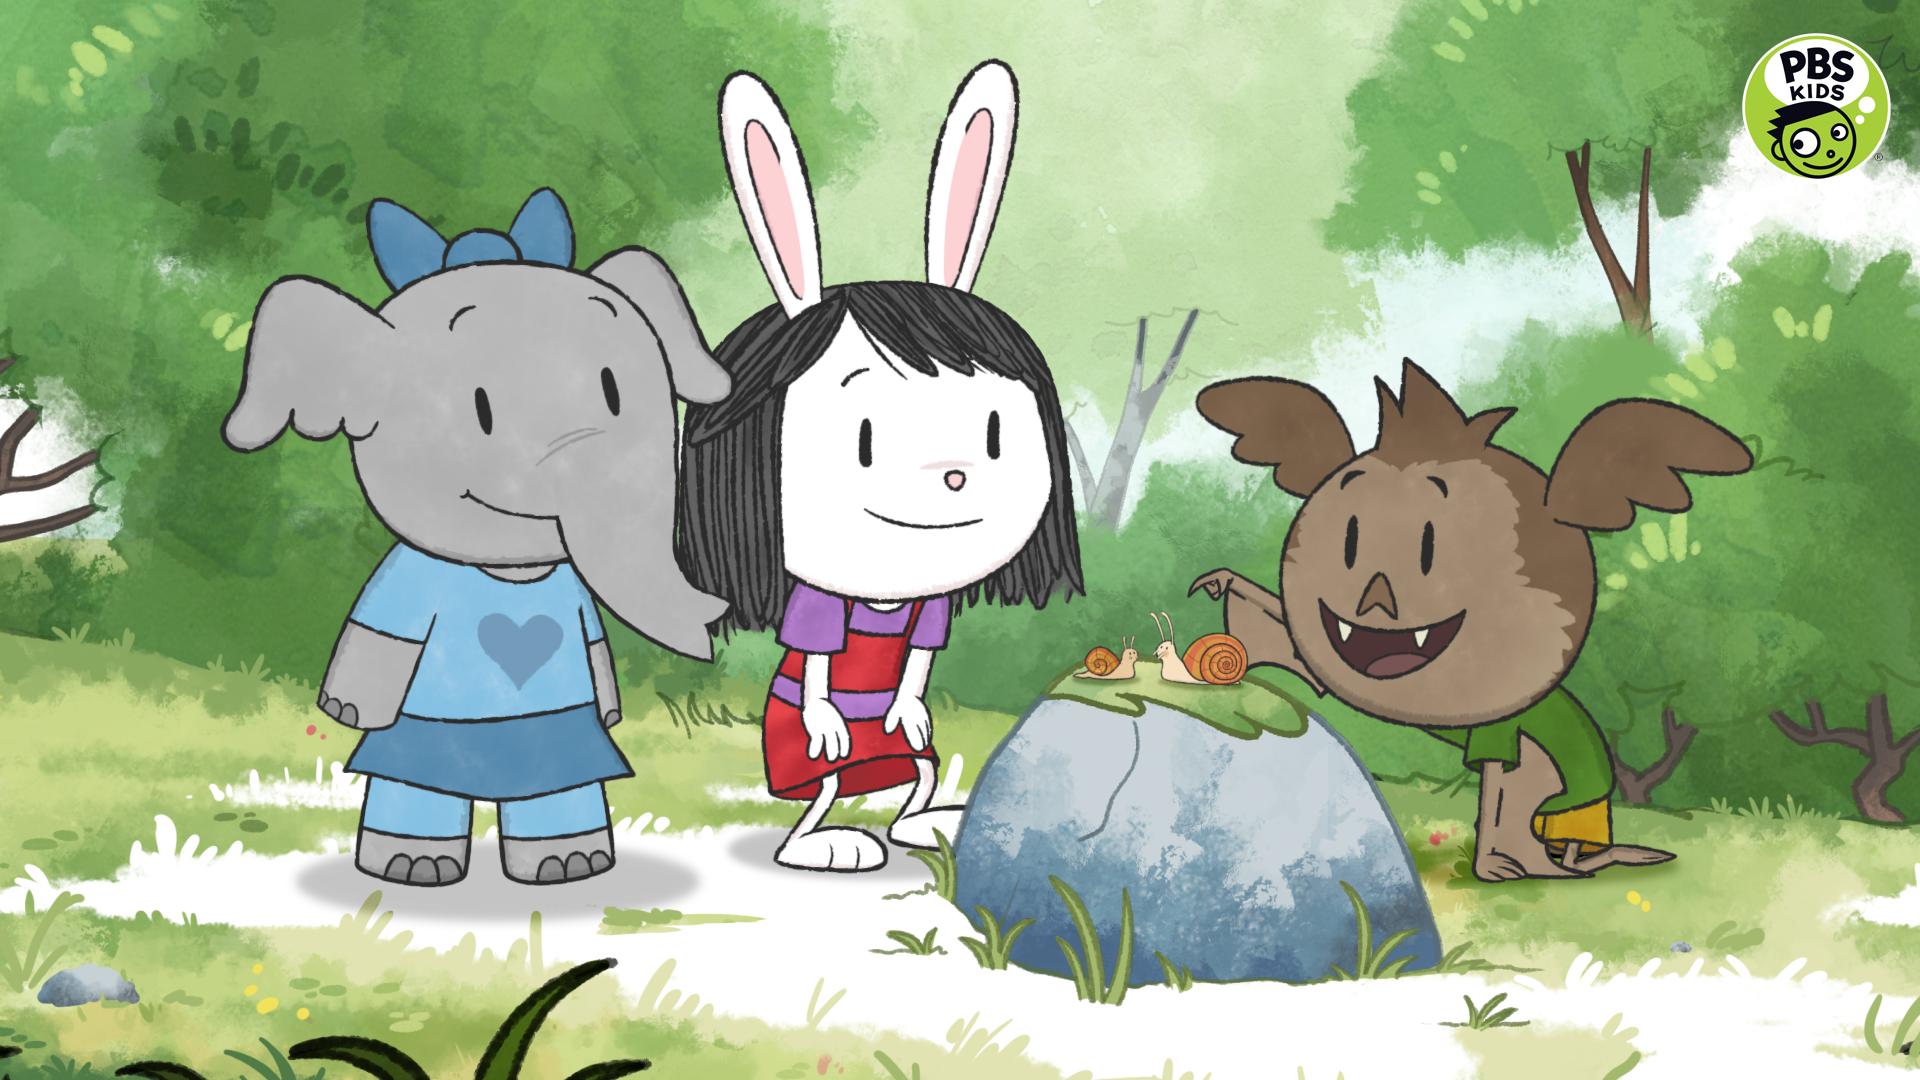 New Animated Stem Series Elinor Wonders Why Premieres On Pbs Kids September 7 2020